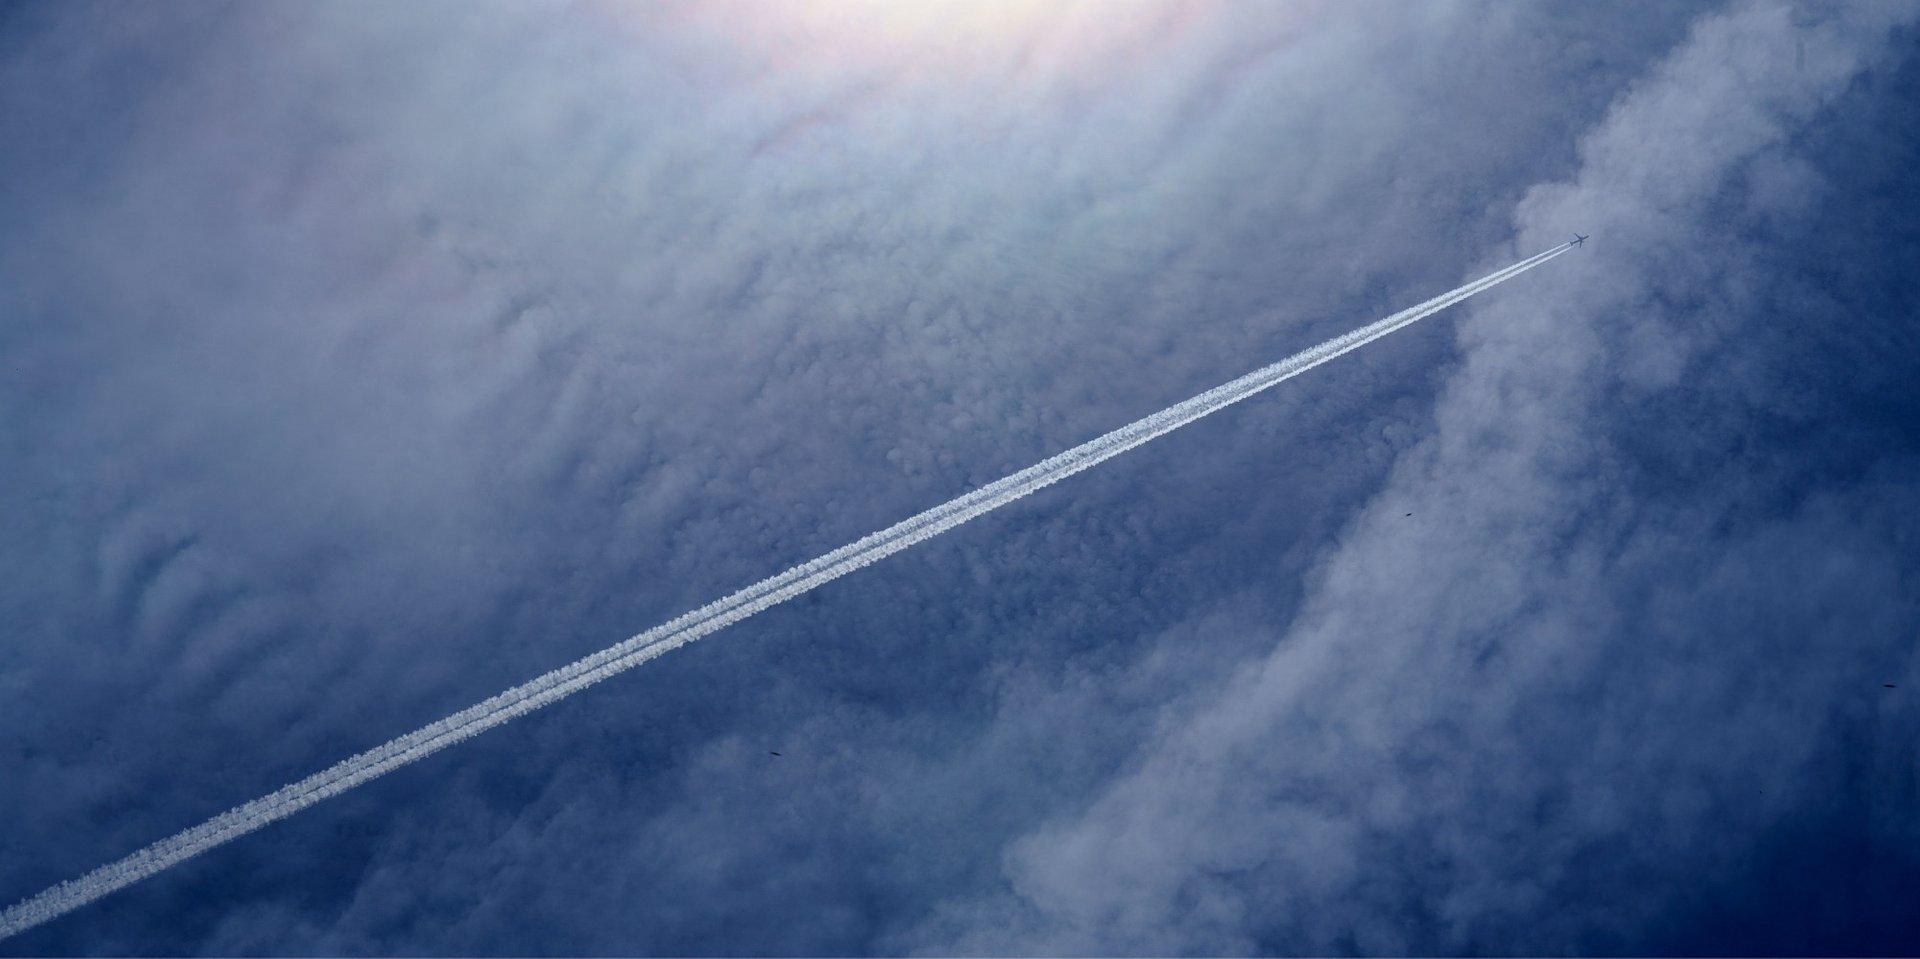 Cloud networking? Skyrocketing!